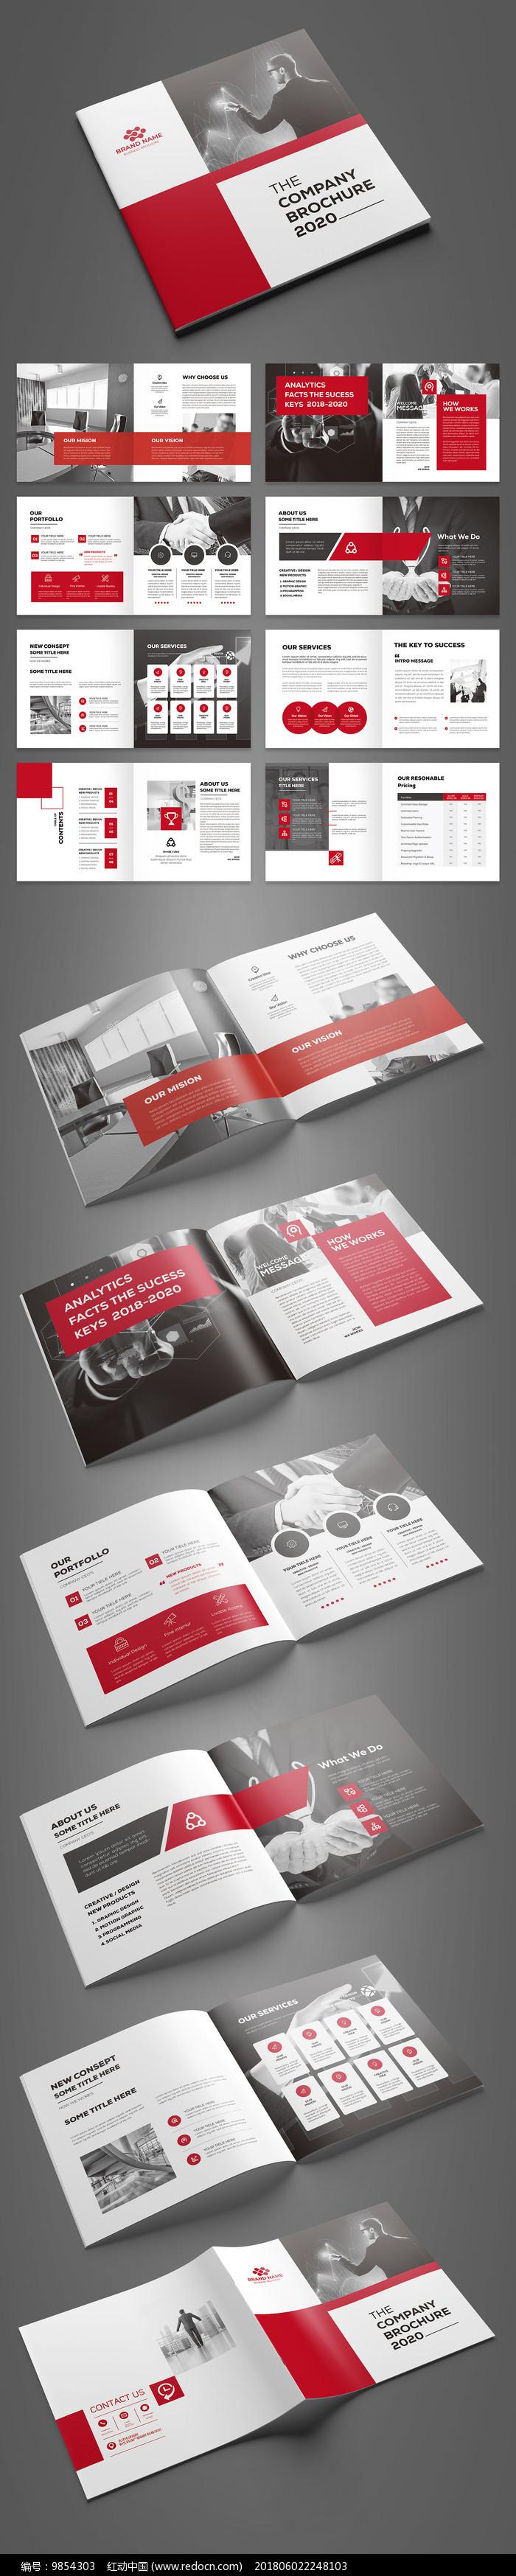 大气红色企业宣传册设计模板图片